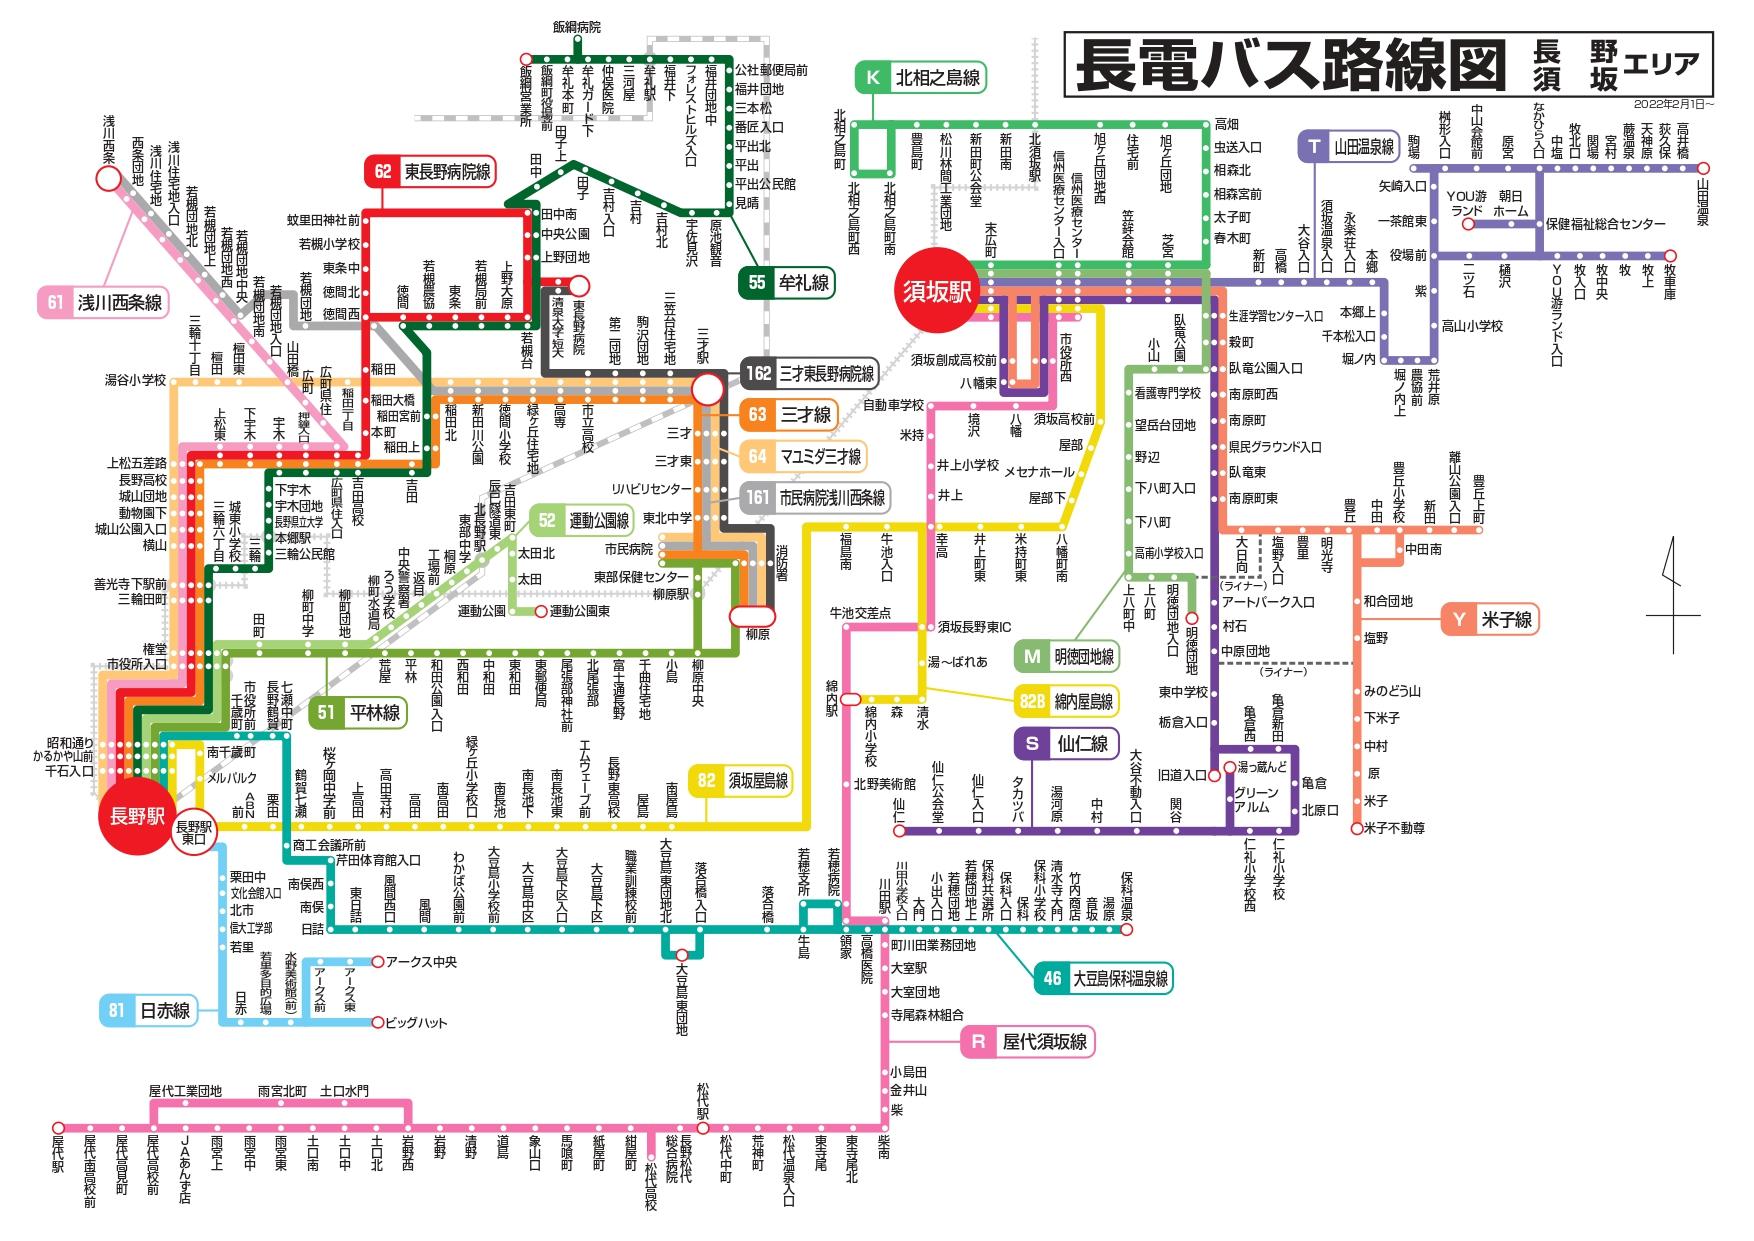 図 バス 路線